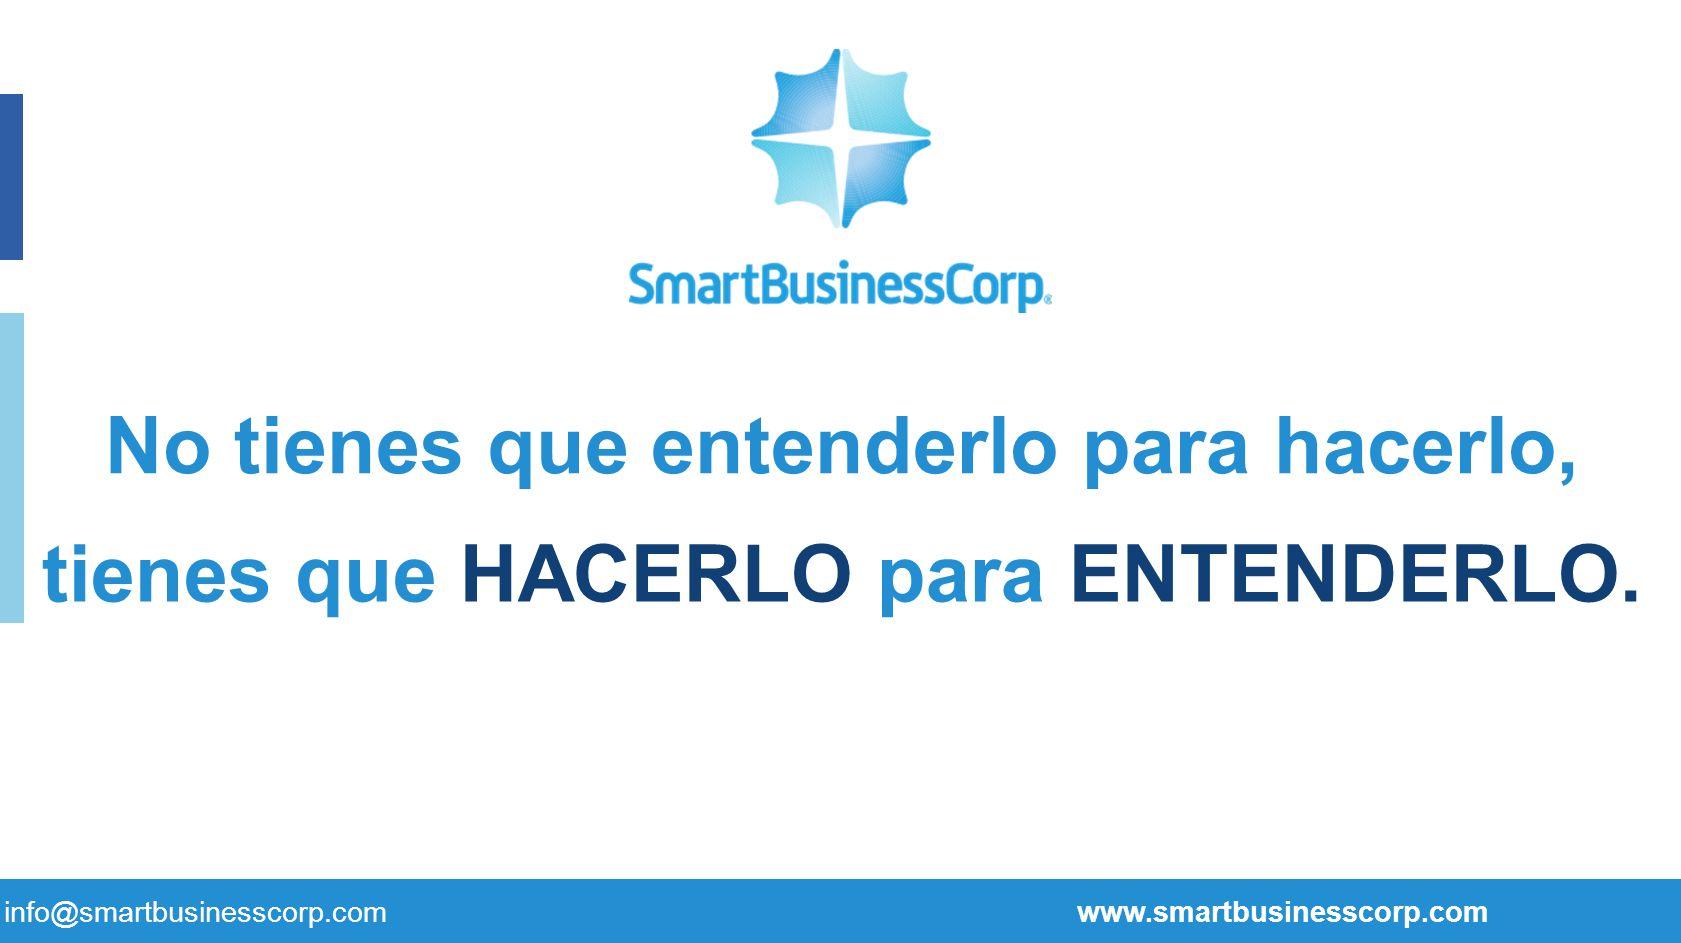 tienes que HACERLO para ENTENDERLO. No tienes que entenderlo para hacerlo, info@smartbusinesscorp.com www.smartbusinesscorp.com